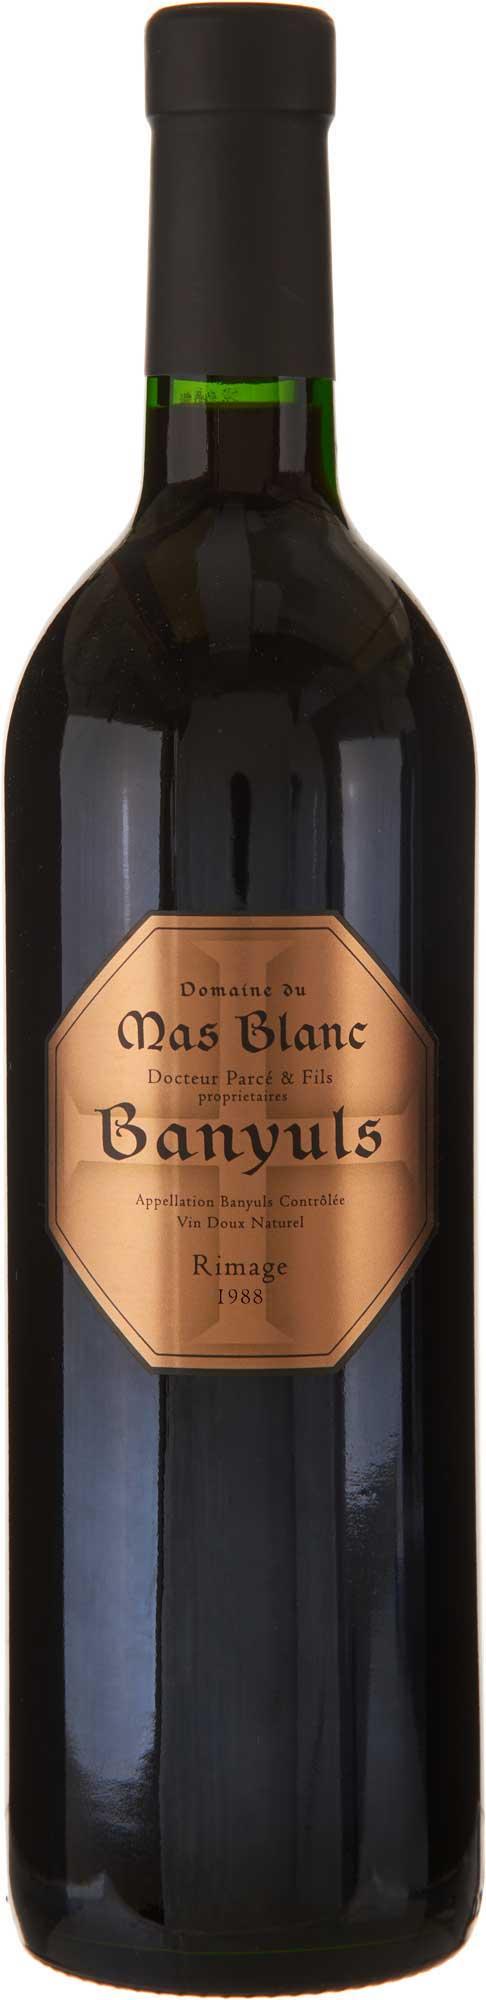 Domaine du Mas Blanc Banyuls Rimage 1988